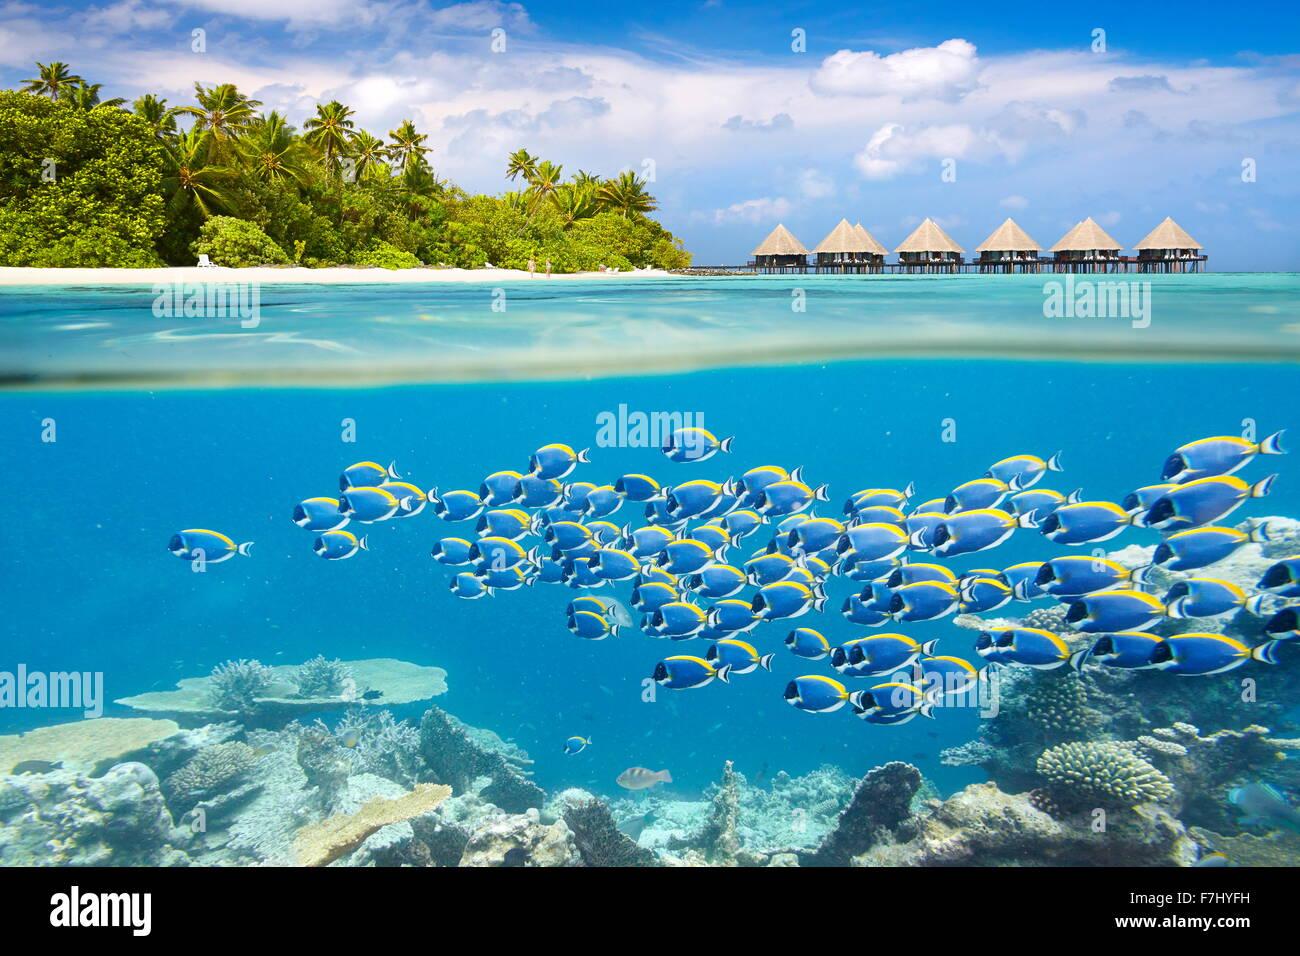 Las Maldivas - vista submarina con cardumen de peces Foto de stock